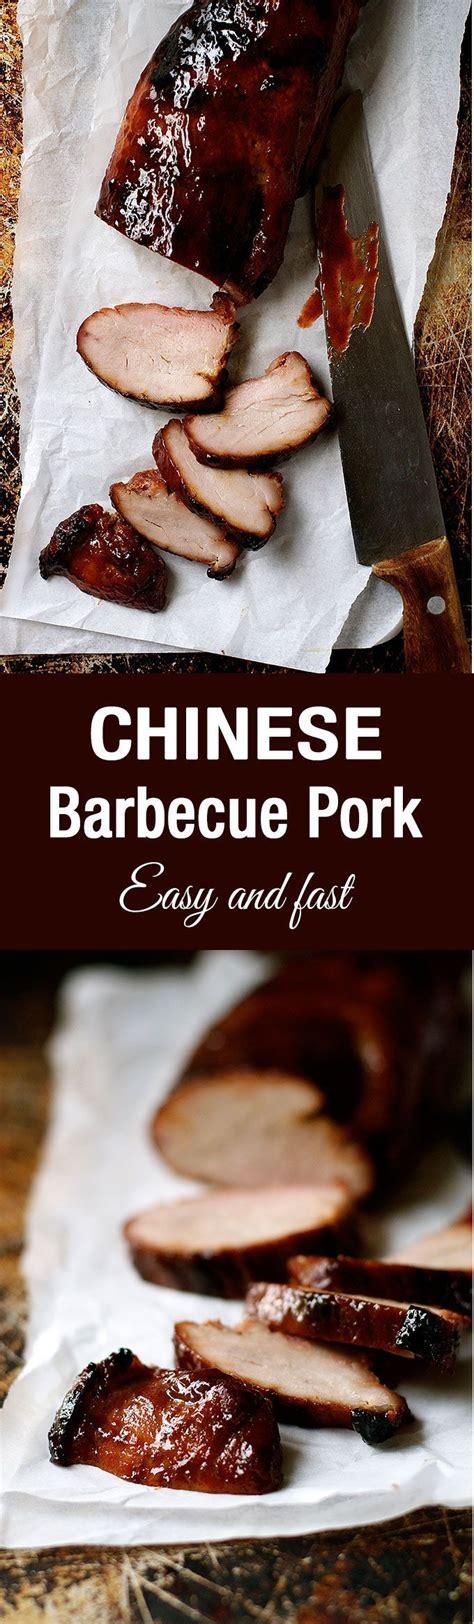 Les 25 Meilleures Idées Concernant Fabriquer Un Barbecue